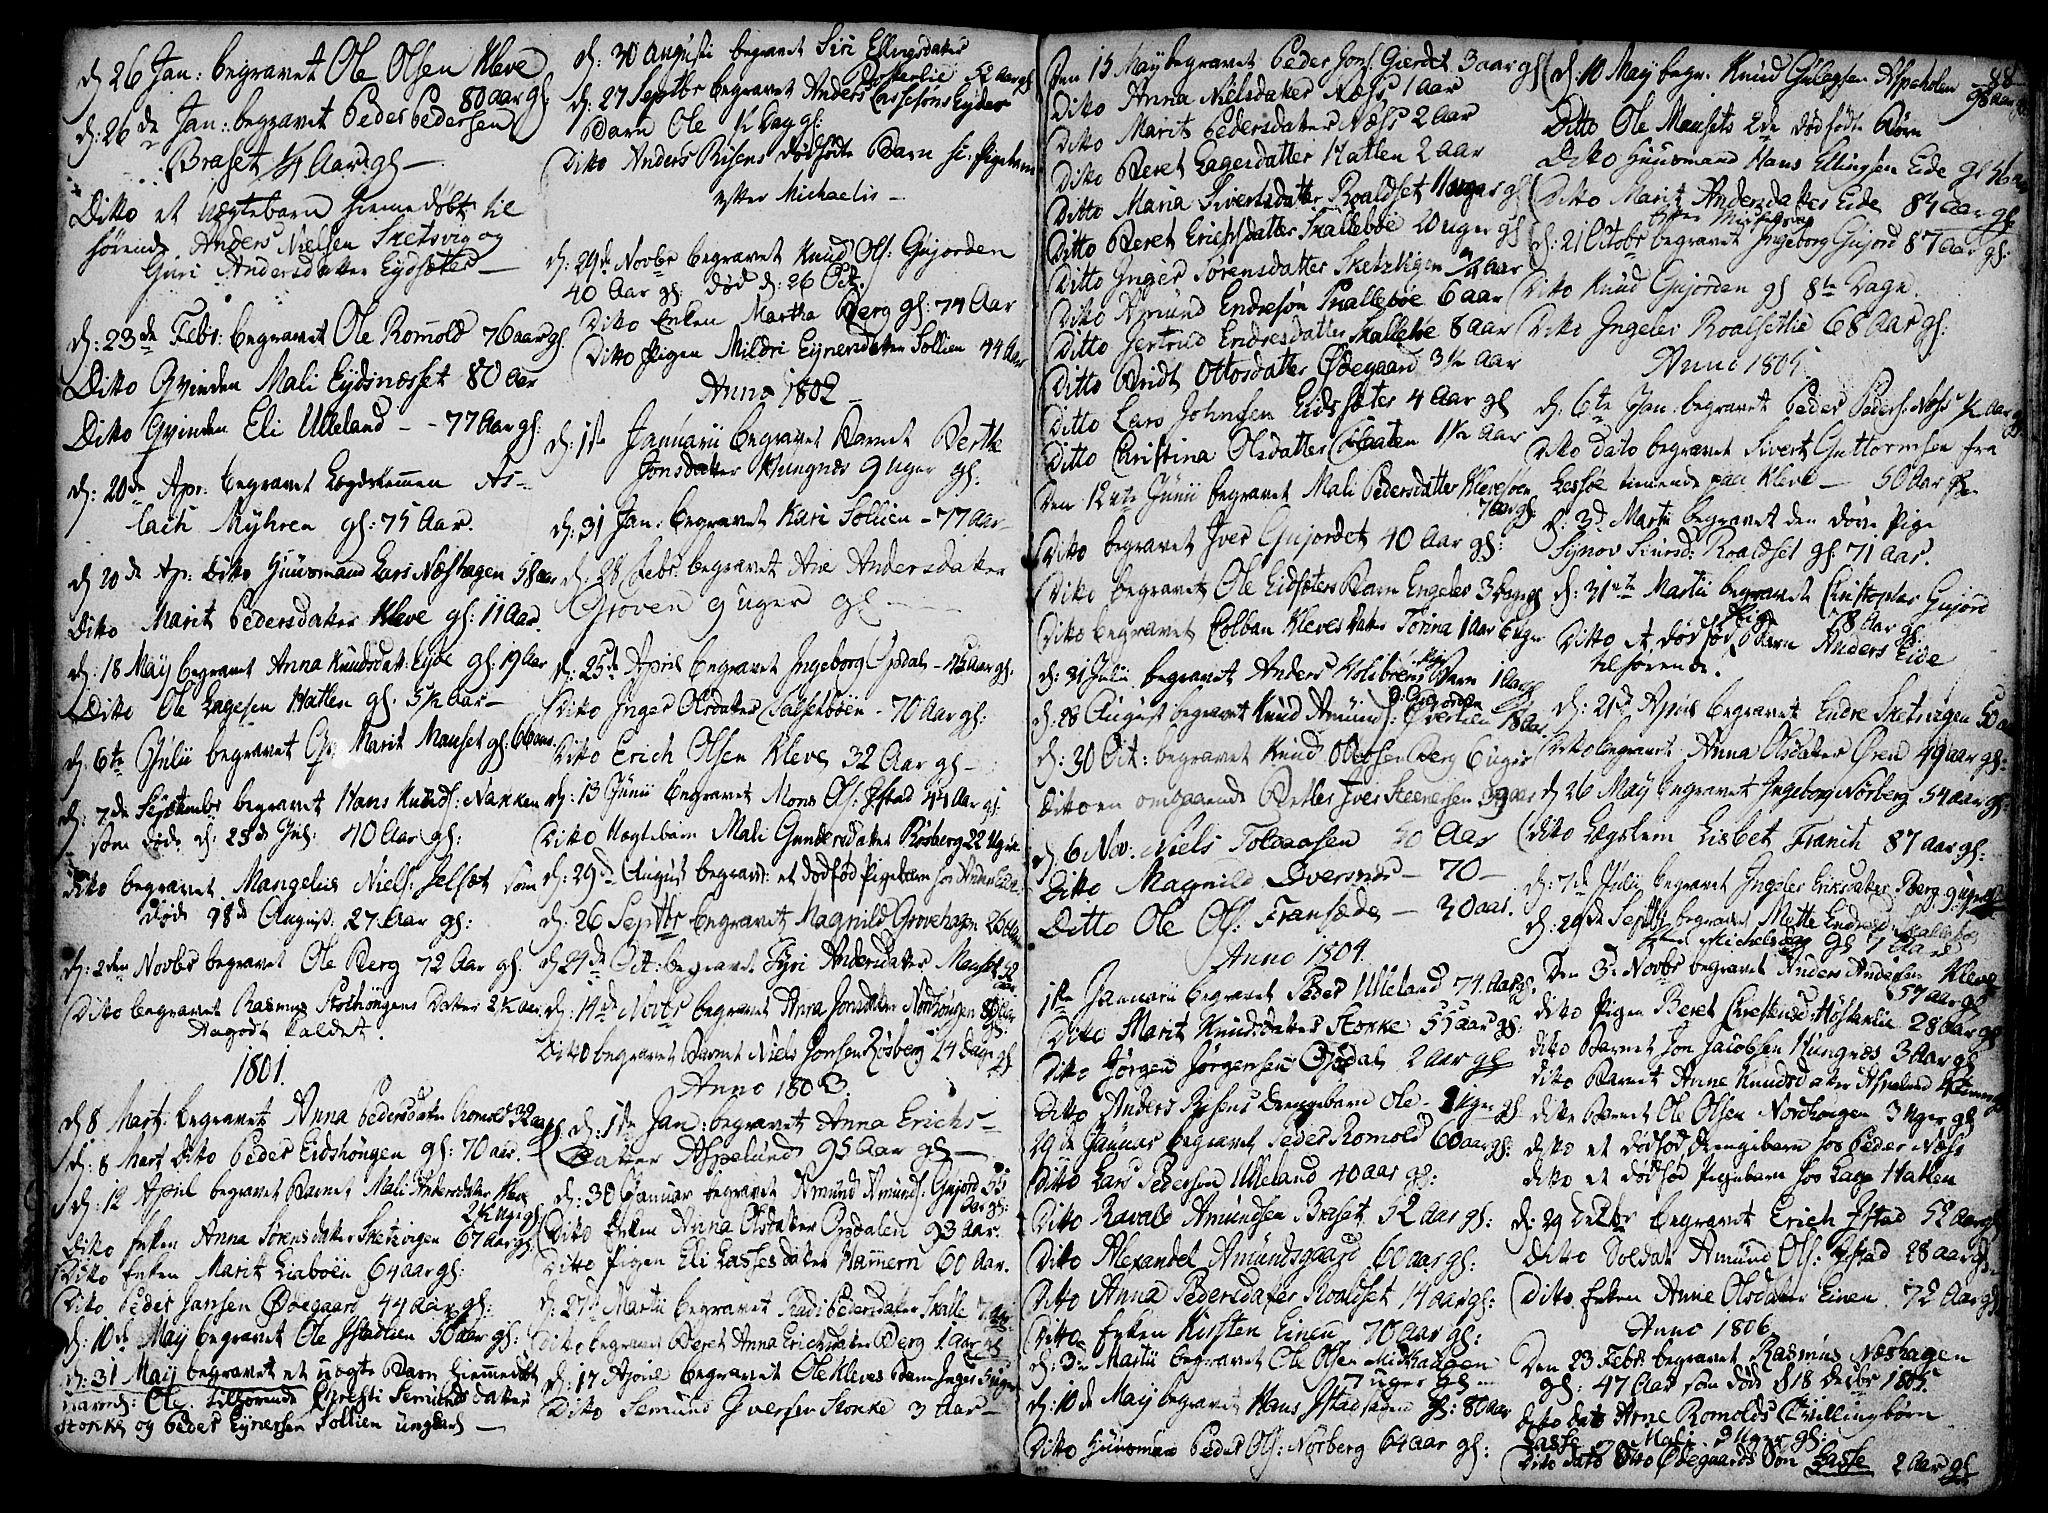 SAT, Ministerialprotokoller, klokkerbøker og fødselsregistre - Møre og Romsdal, 555/L0650: Ministerialbok nr. 555A02 /2, 1798-1821, s. 88